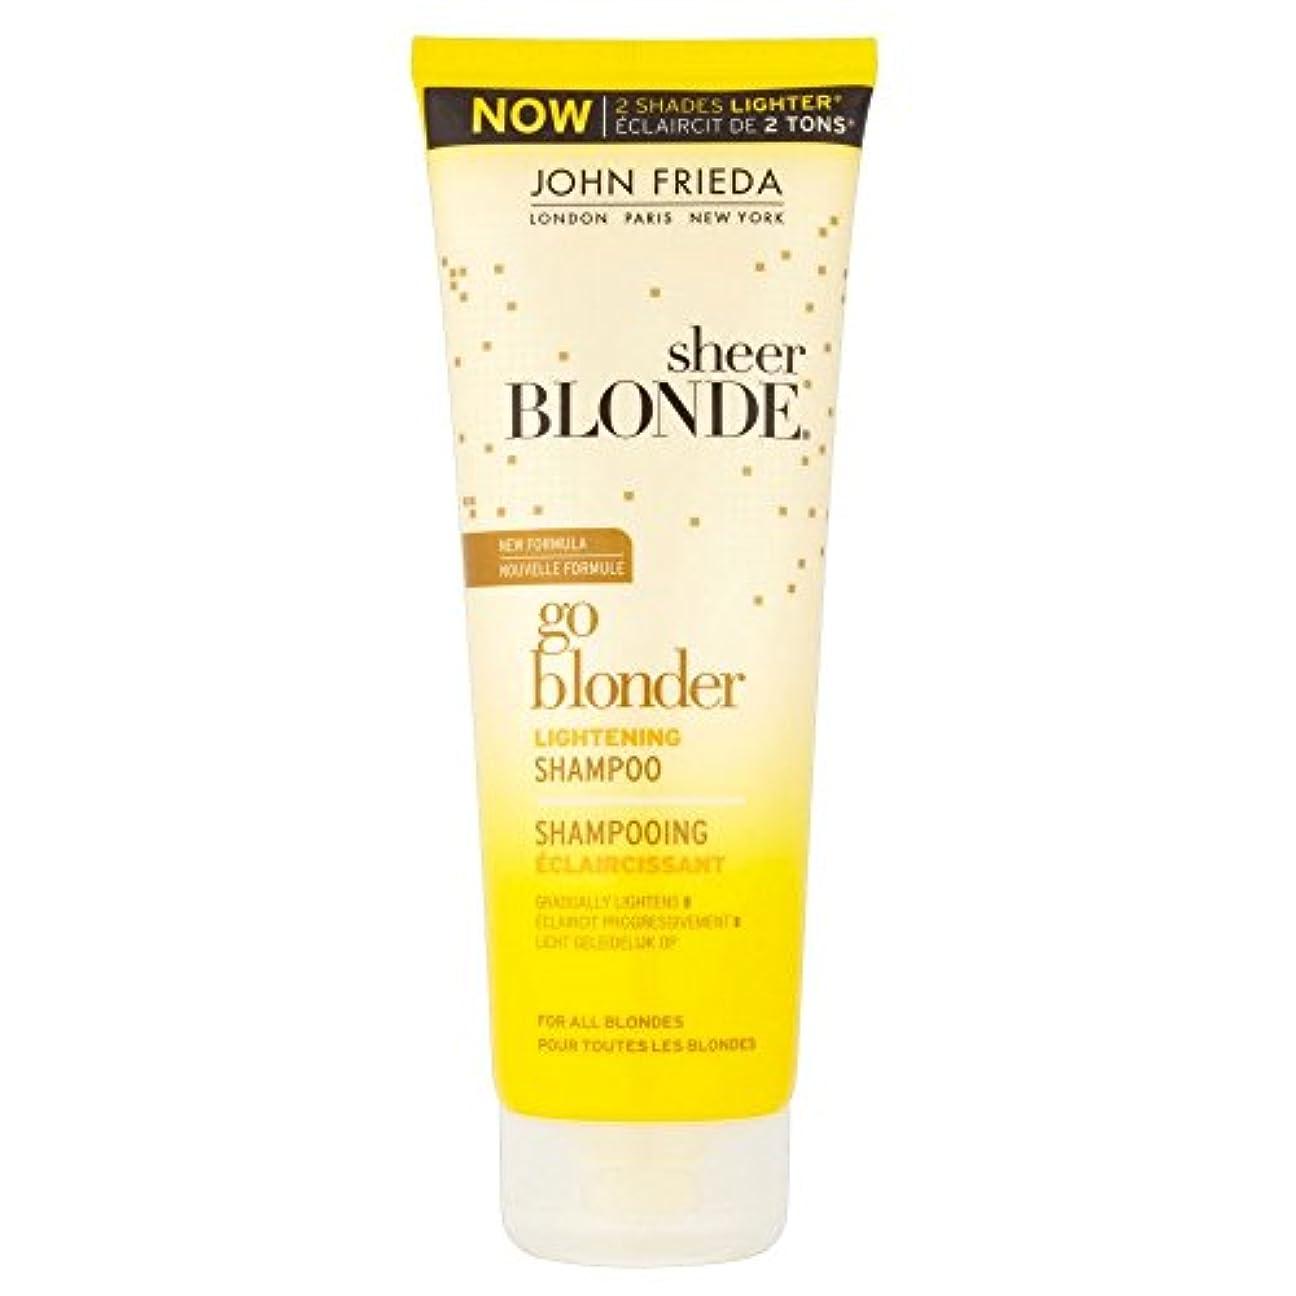 傷つきやすい時折メーターJohn Frieda Sheer Blonde Go Blonder Shampoo (250ml) ジョン?フリーダ薄手のブロンド囲碁blonderシャンプー( 250ミリリットル) [並行輸入品]